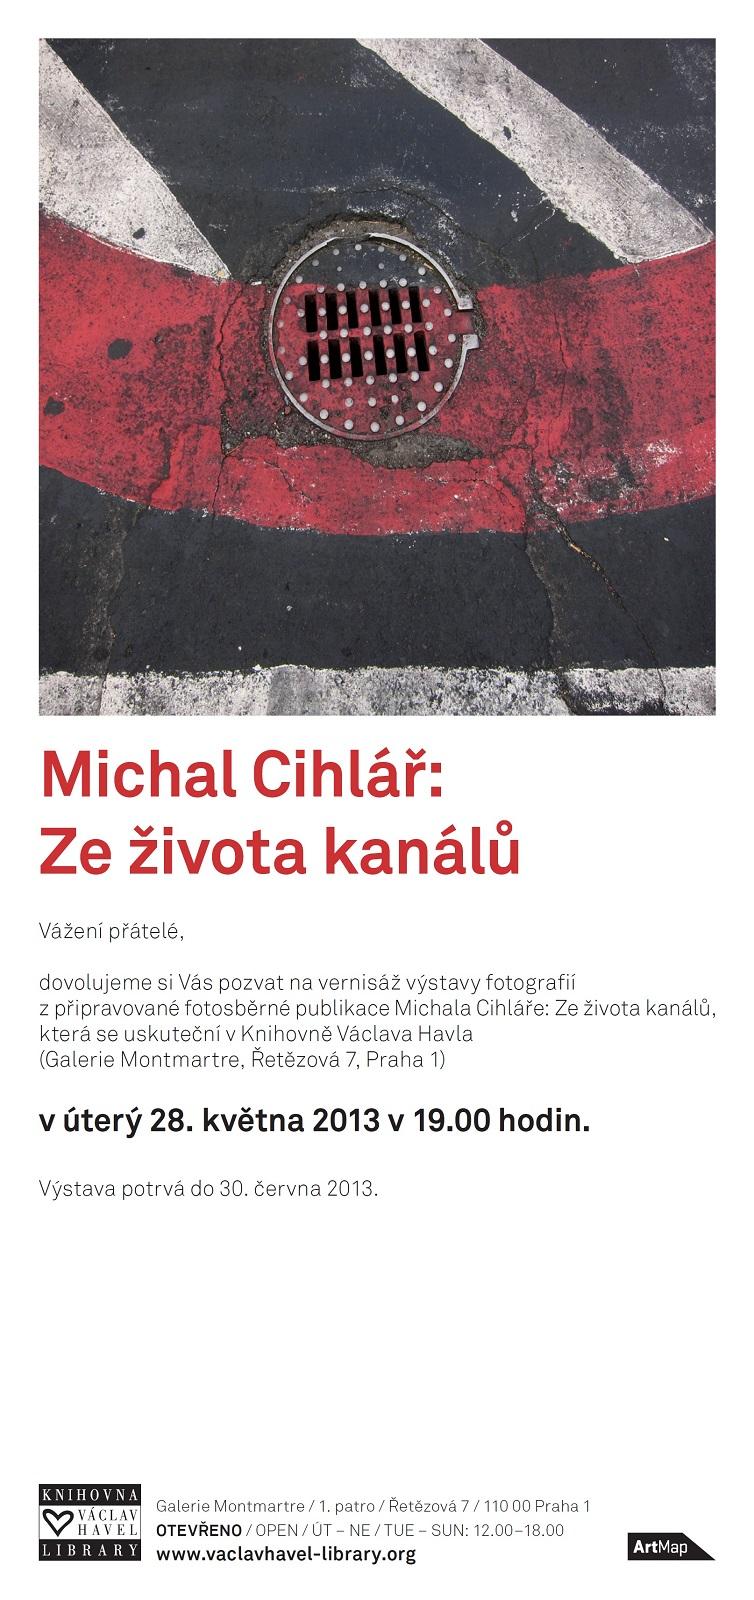 Michal Cihlář      Ze života kanálů  pozvánka